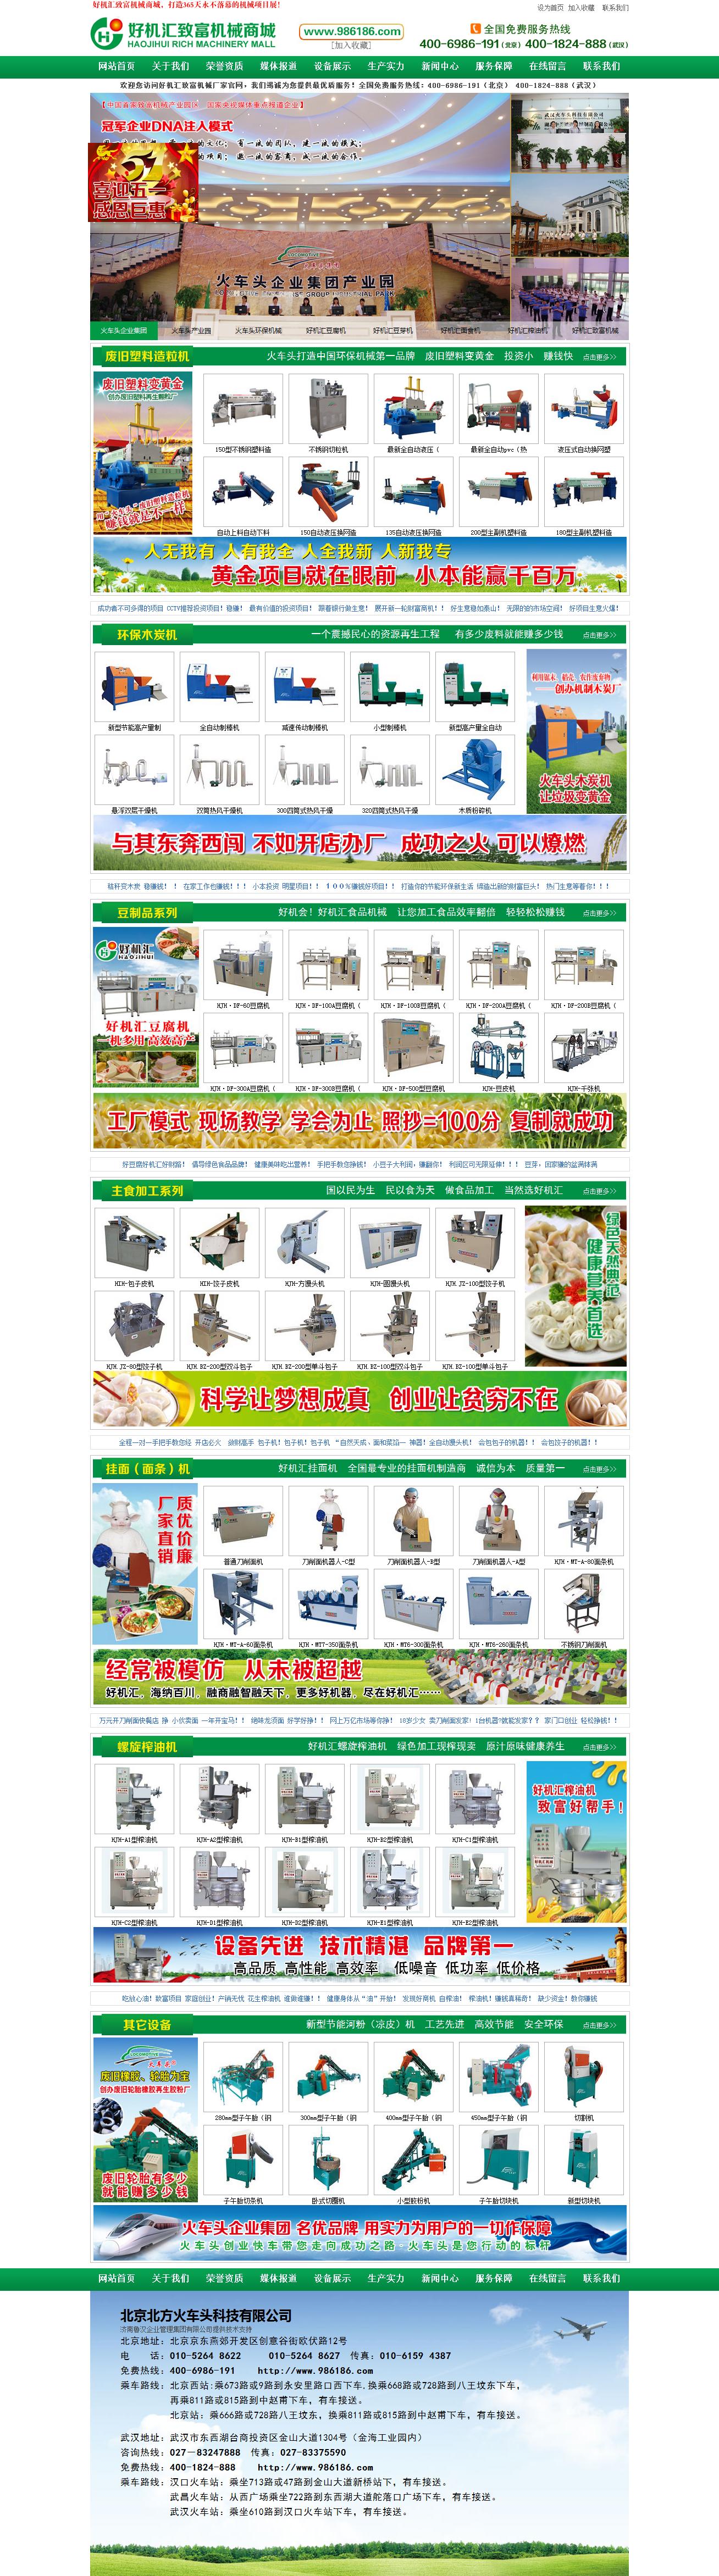 机械制造加工行业网站建设案例